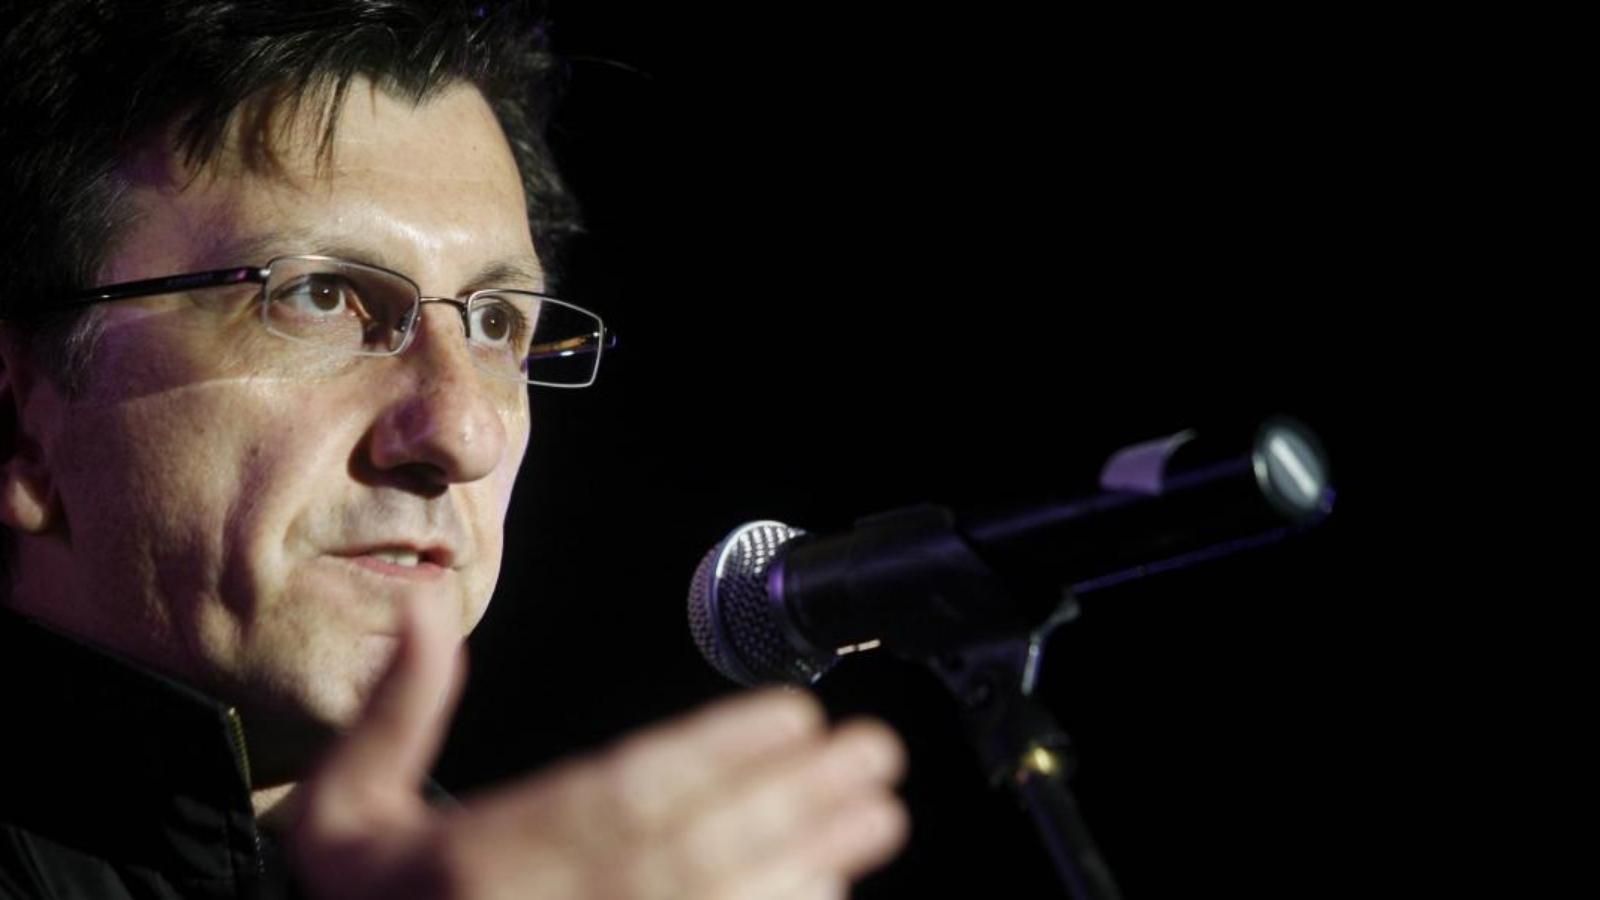 Άρης Πορτοσάλτε: «Είχε δίκιο ο Τσίπρας για το ξεστοκάρισμα του AstraZeneca - Τον δικαίωσε η κυβέρνηση»